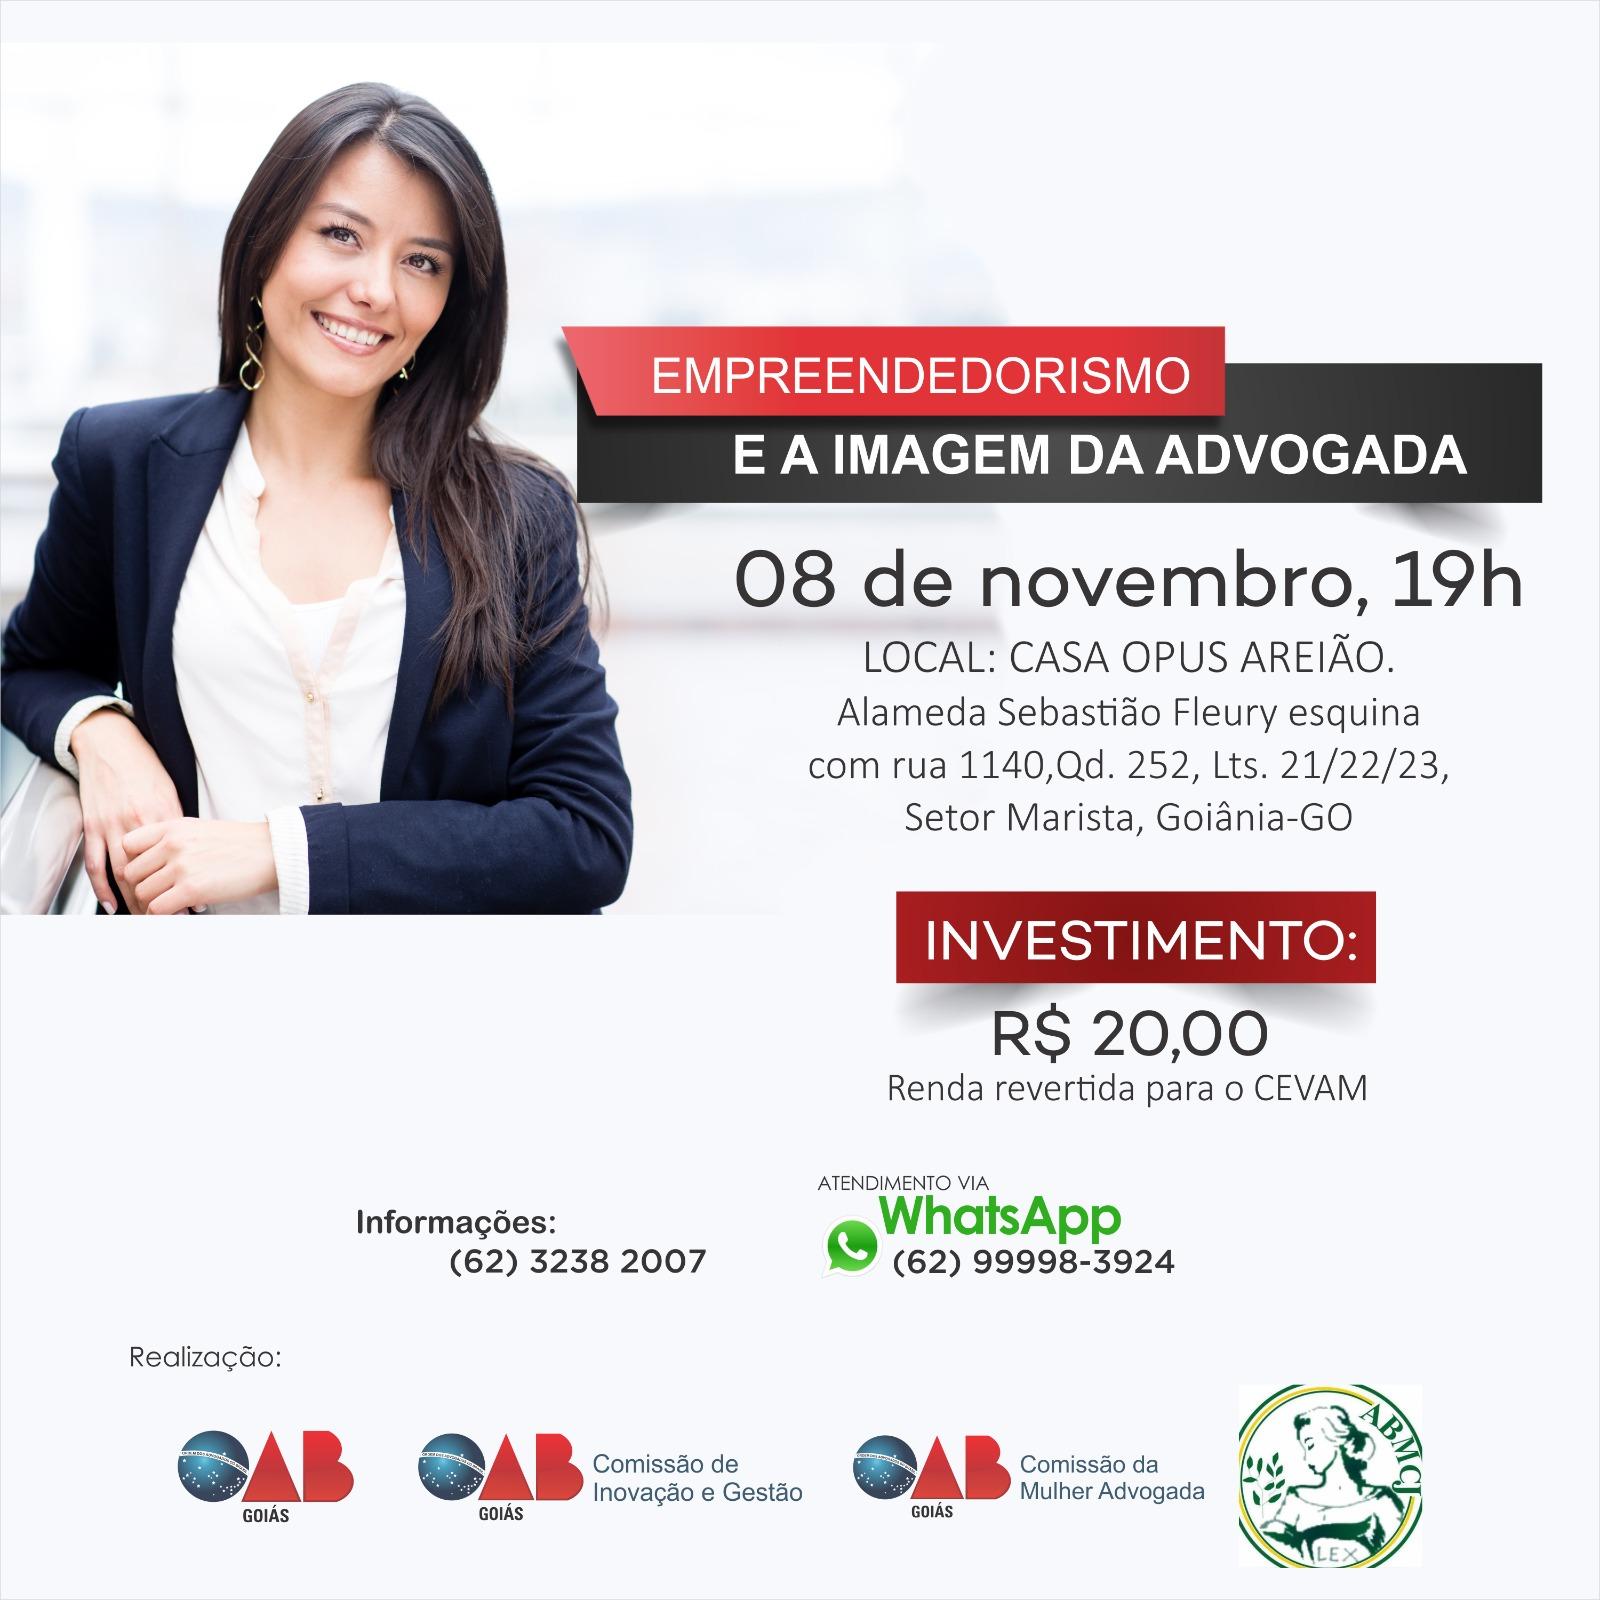 08/11 - Palestra Empreendedorismo e a Imagem da Advogada